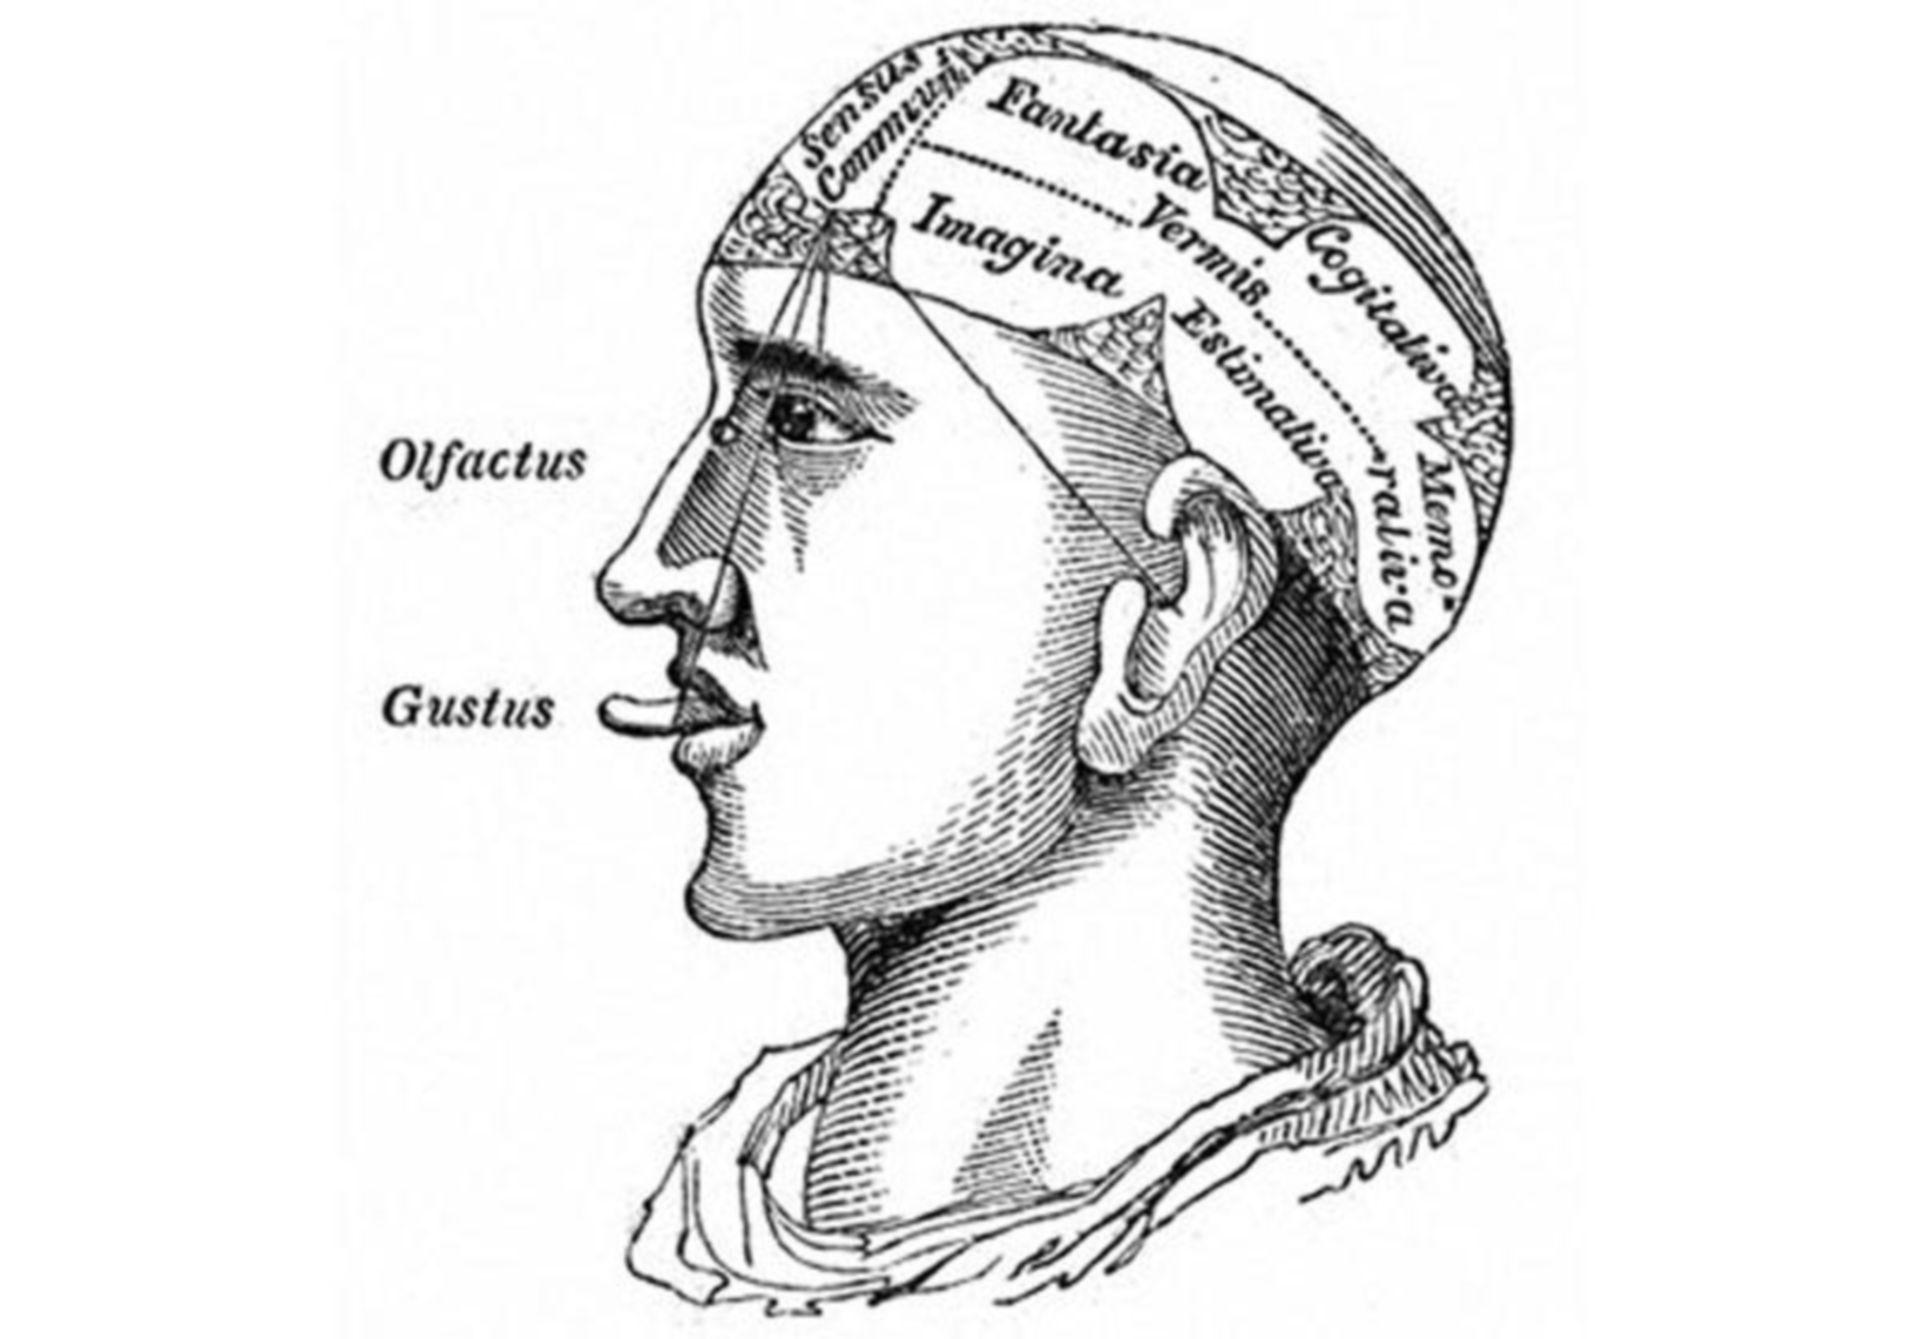 History of neuroscience: Phrenology